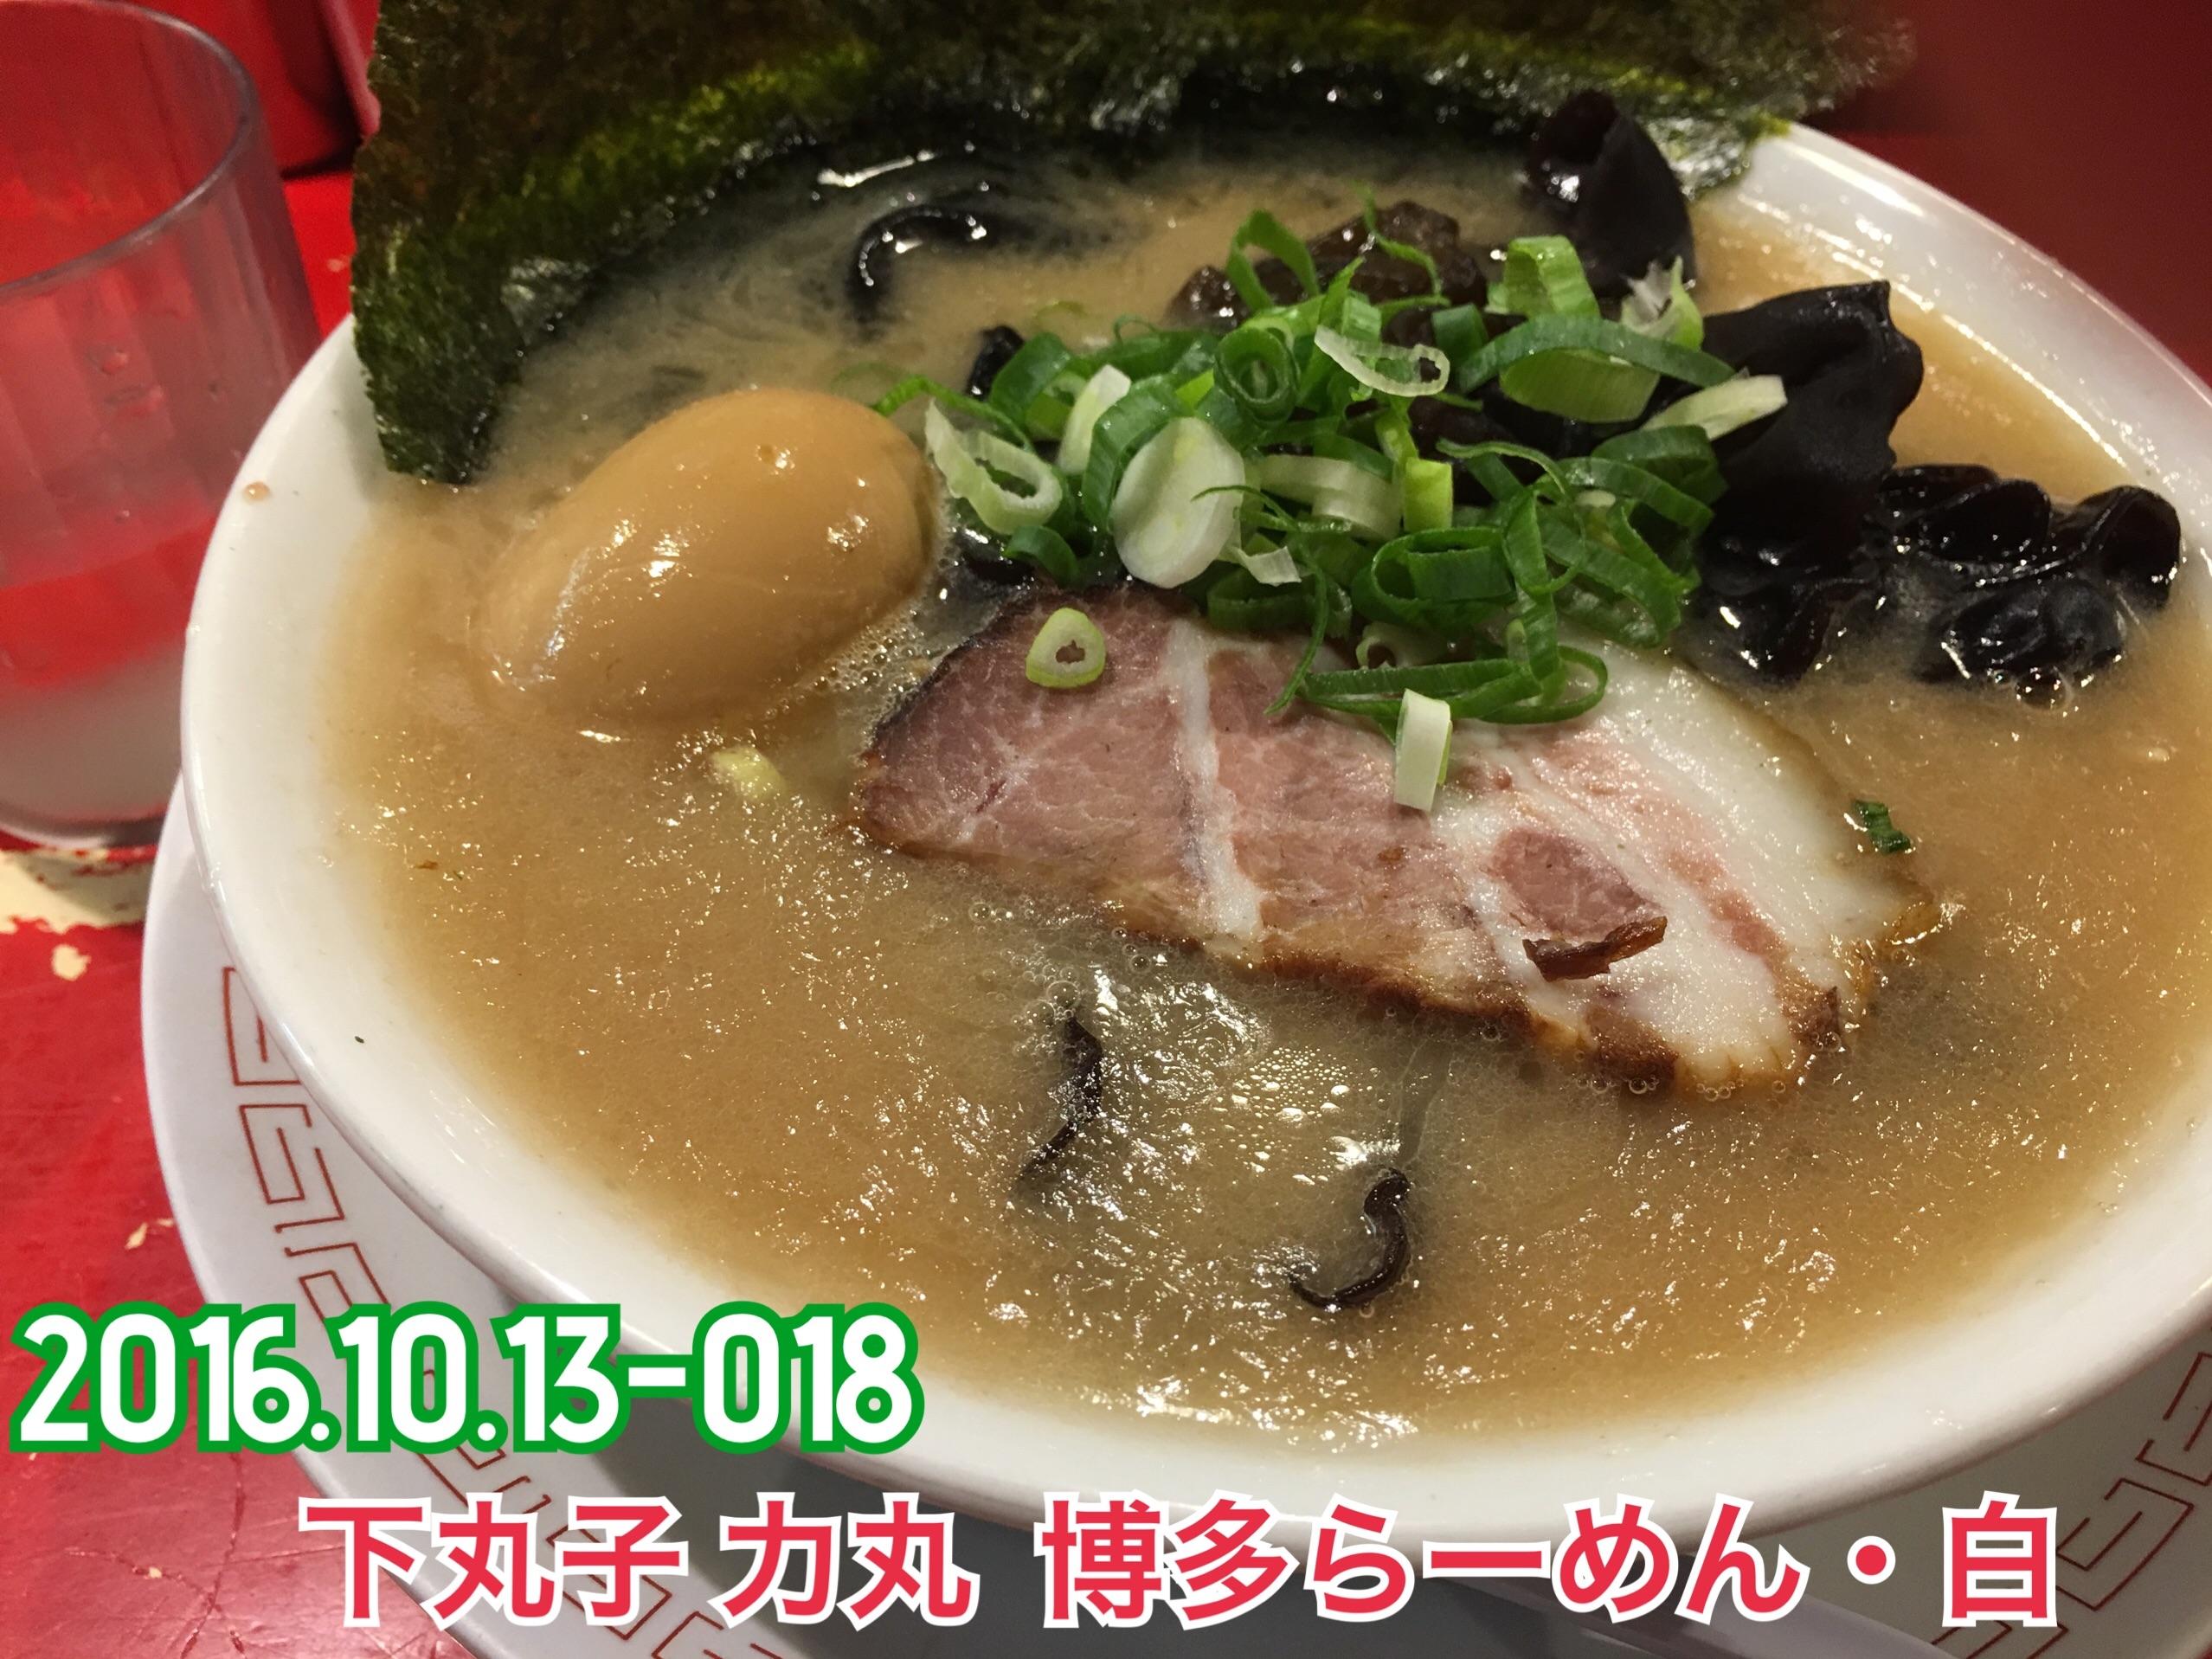 f:id:nnnaoki84:20161013225946j:image